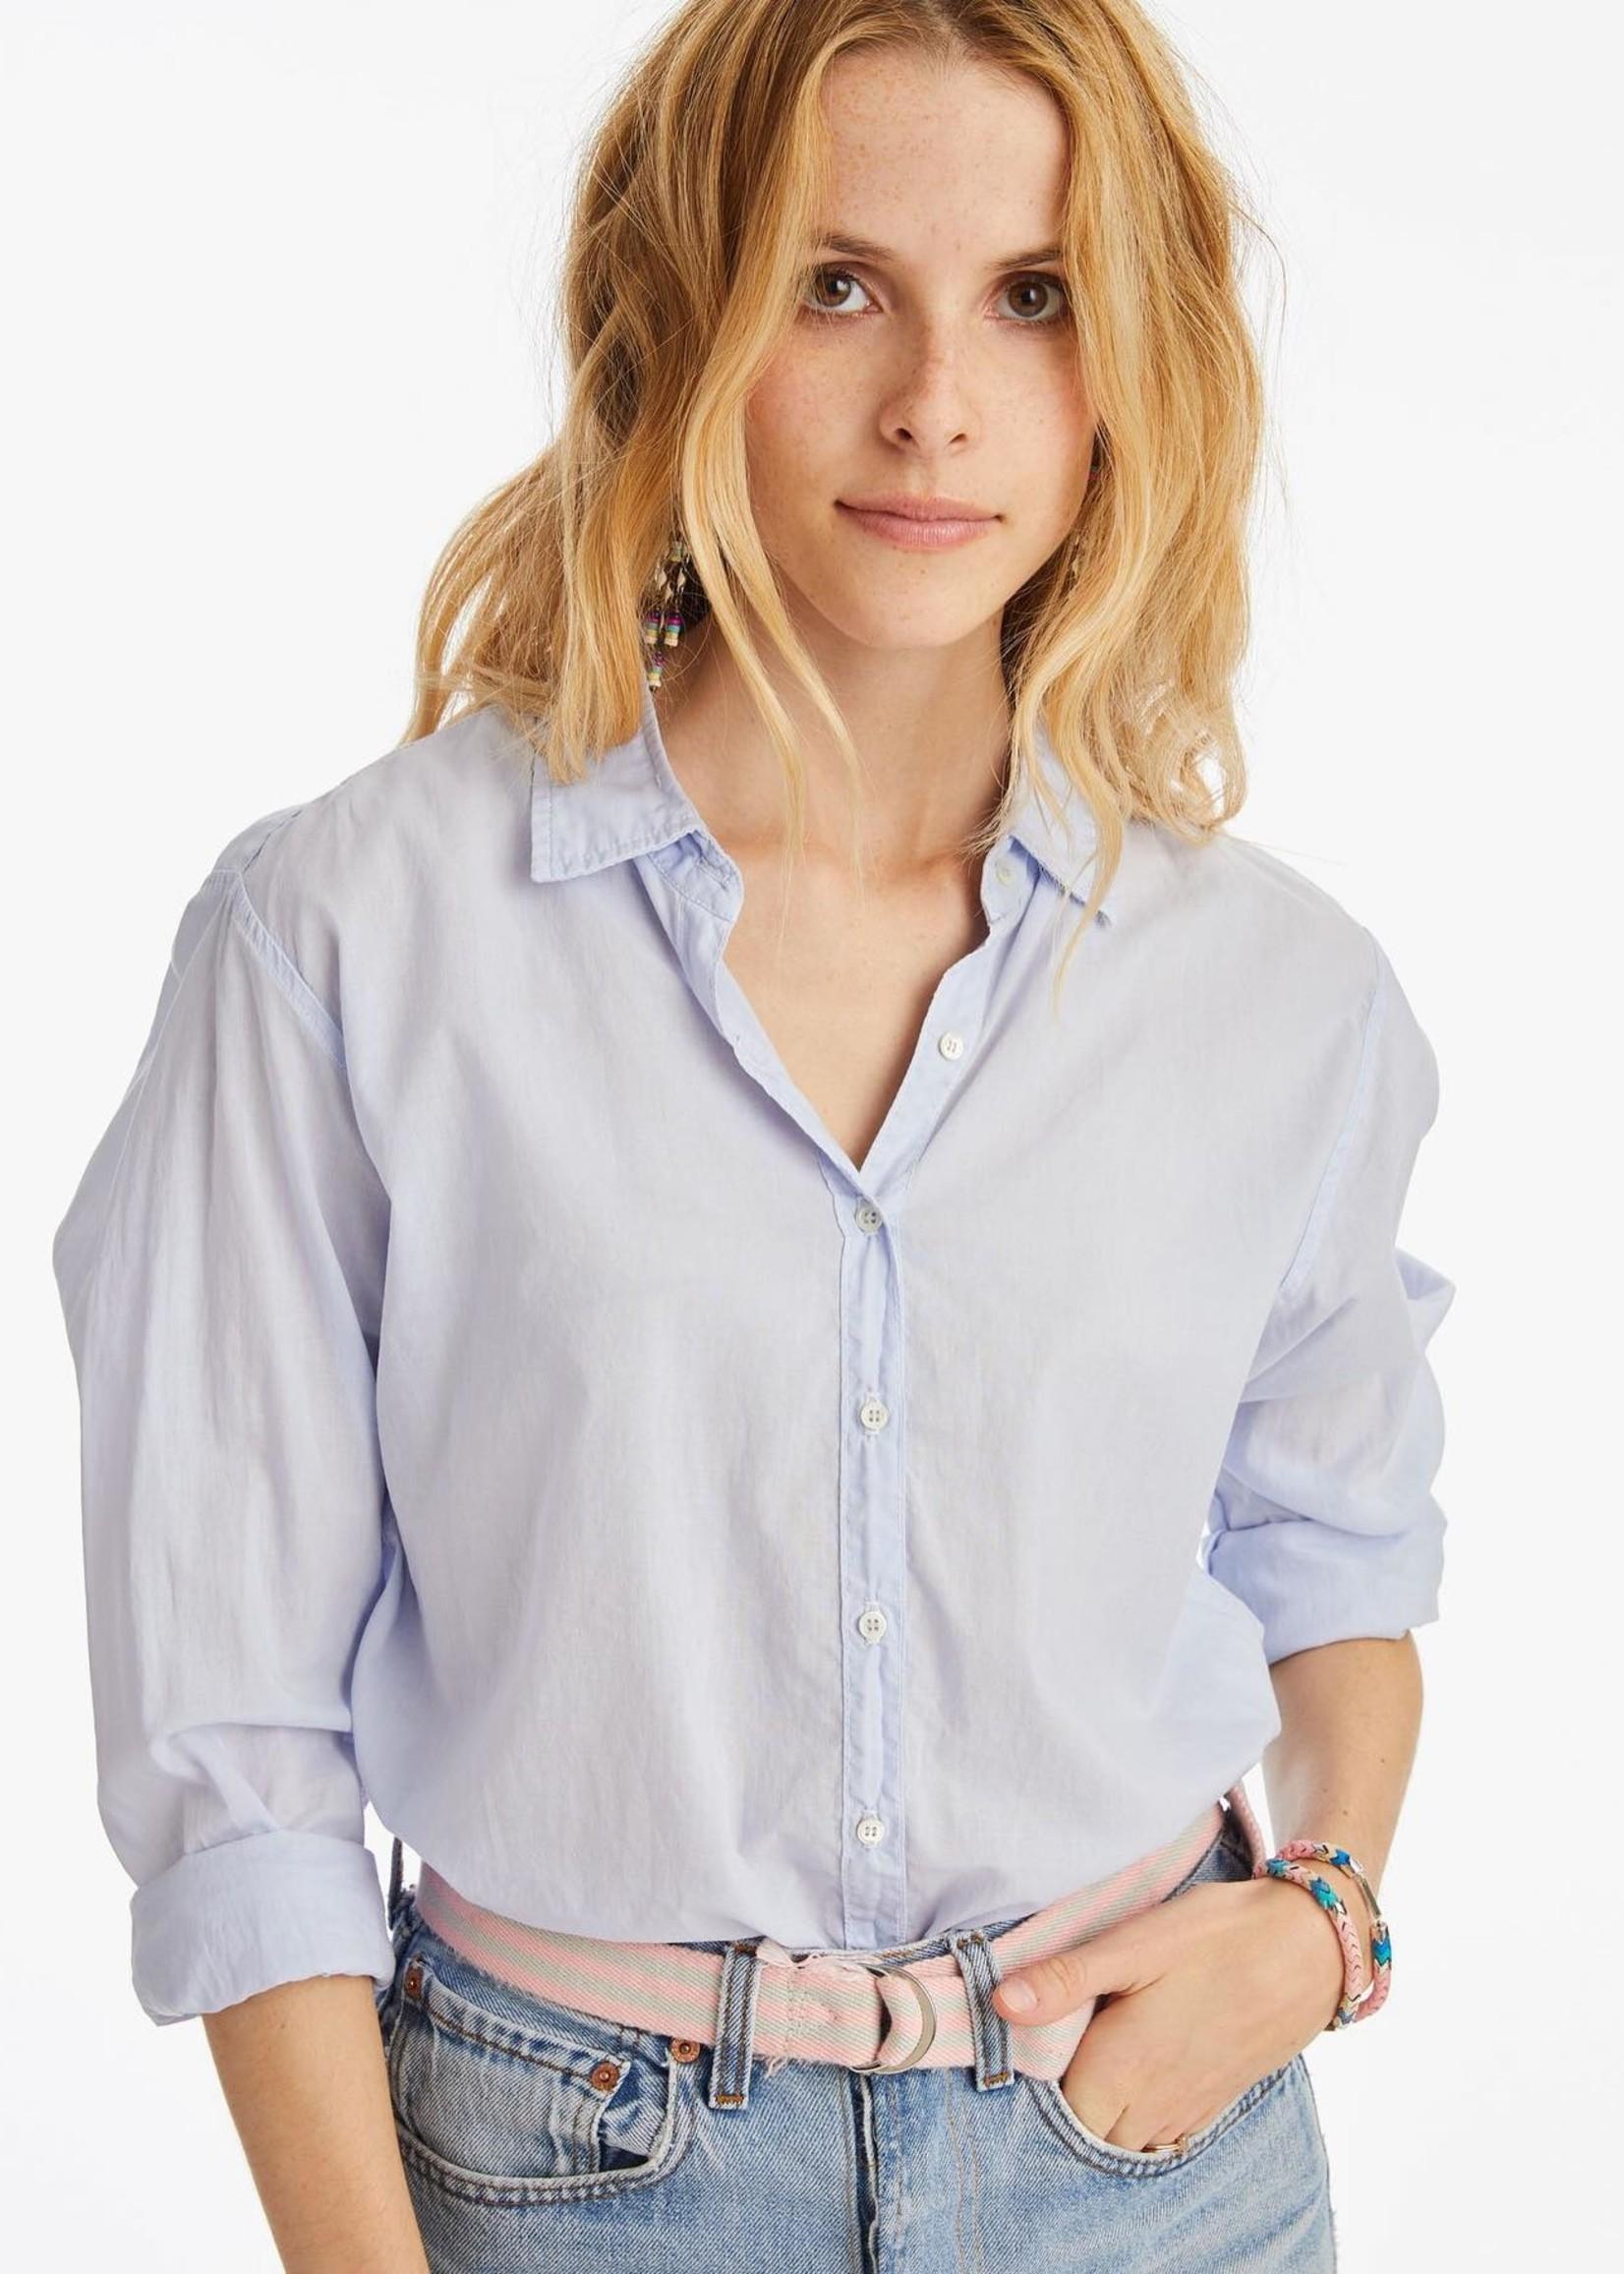 xirena xirena beau shirt sky light